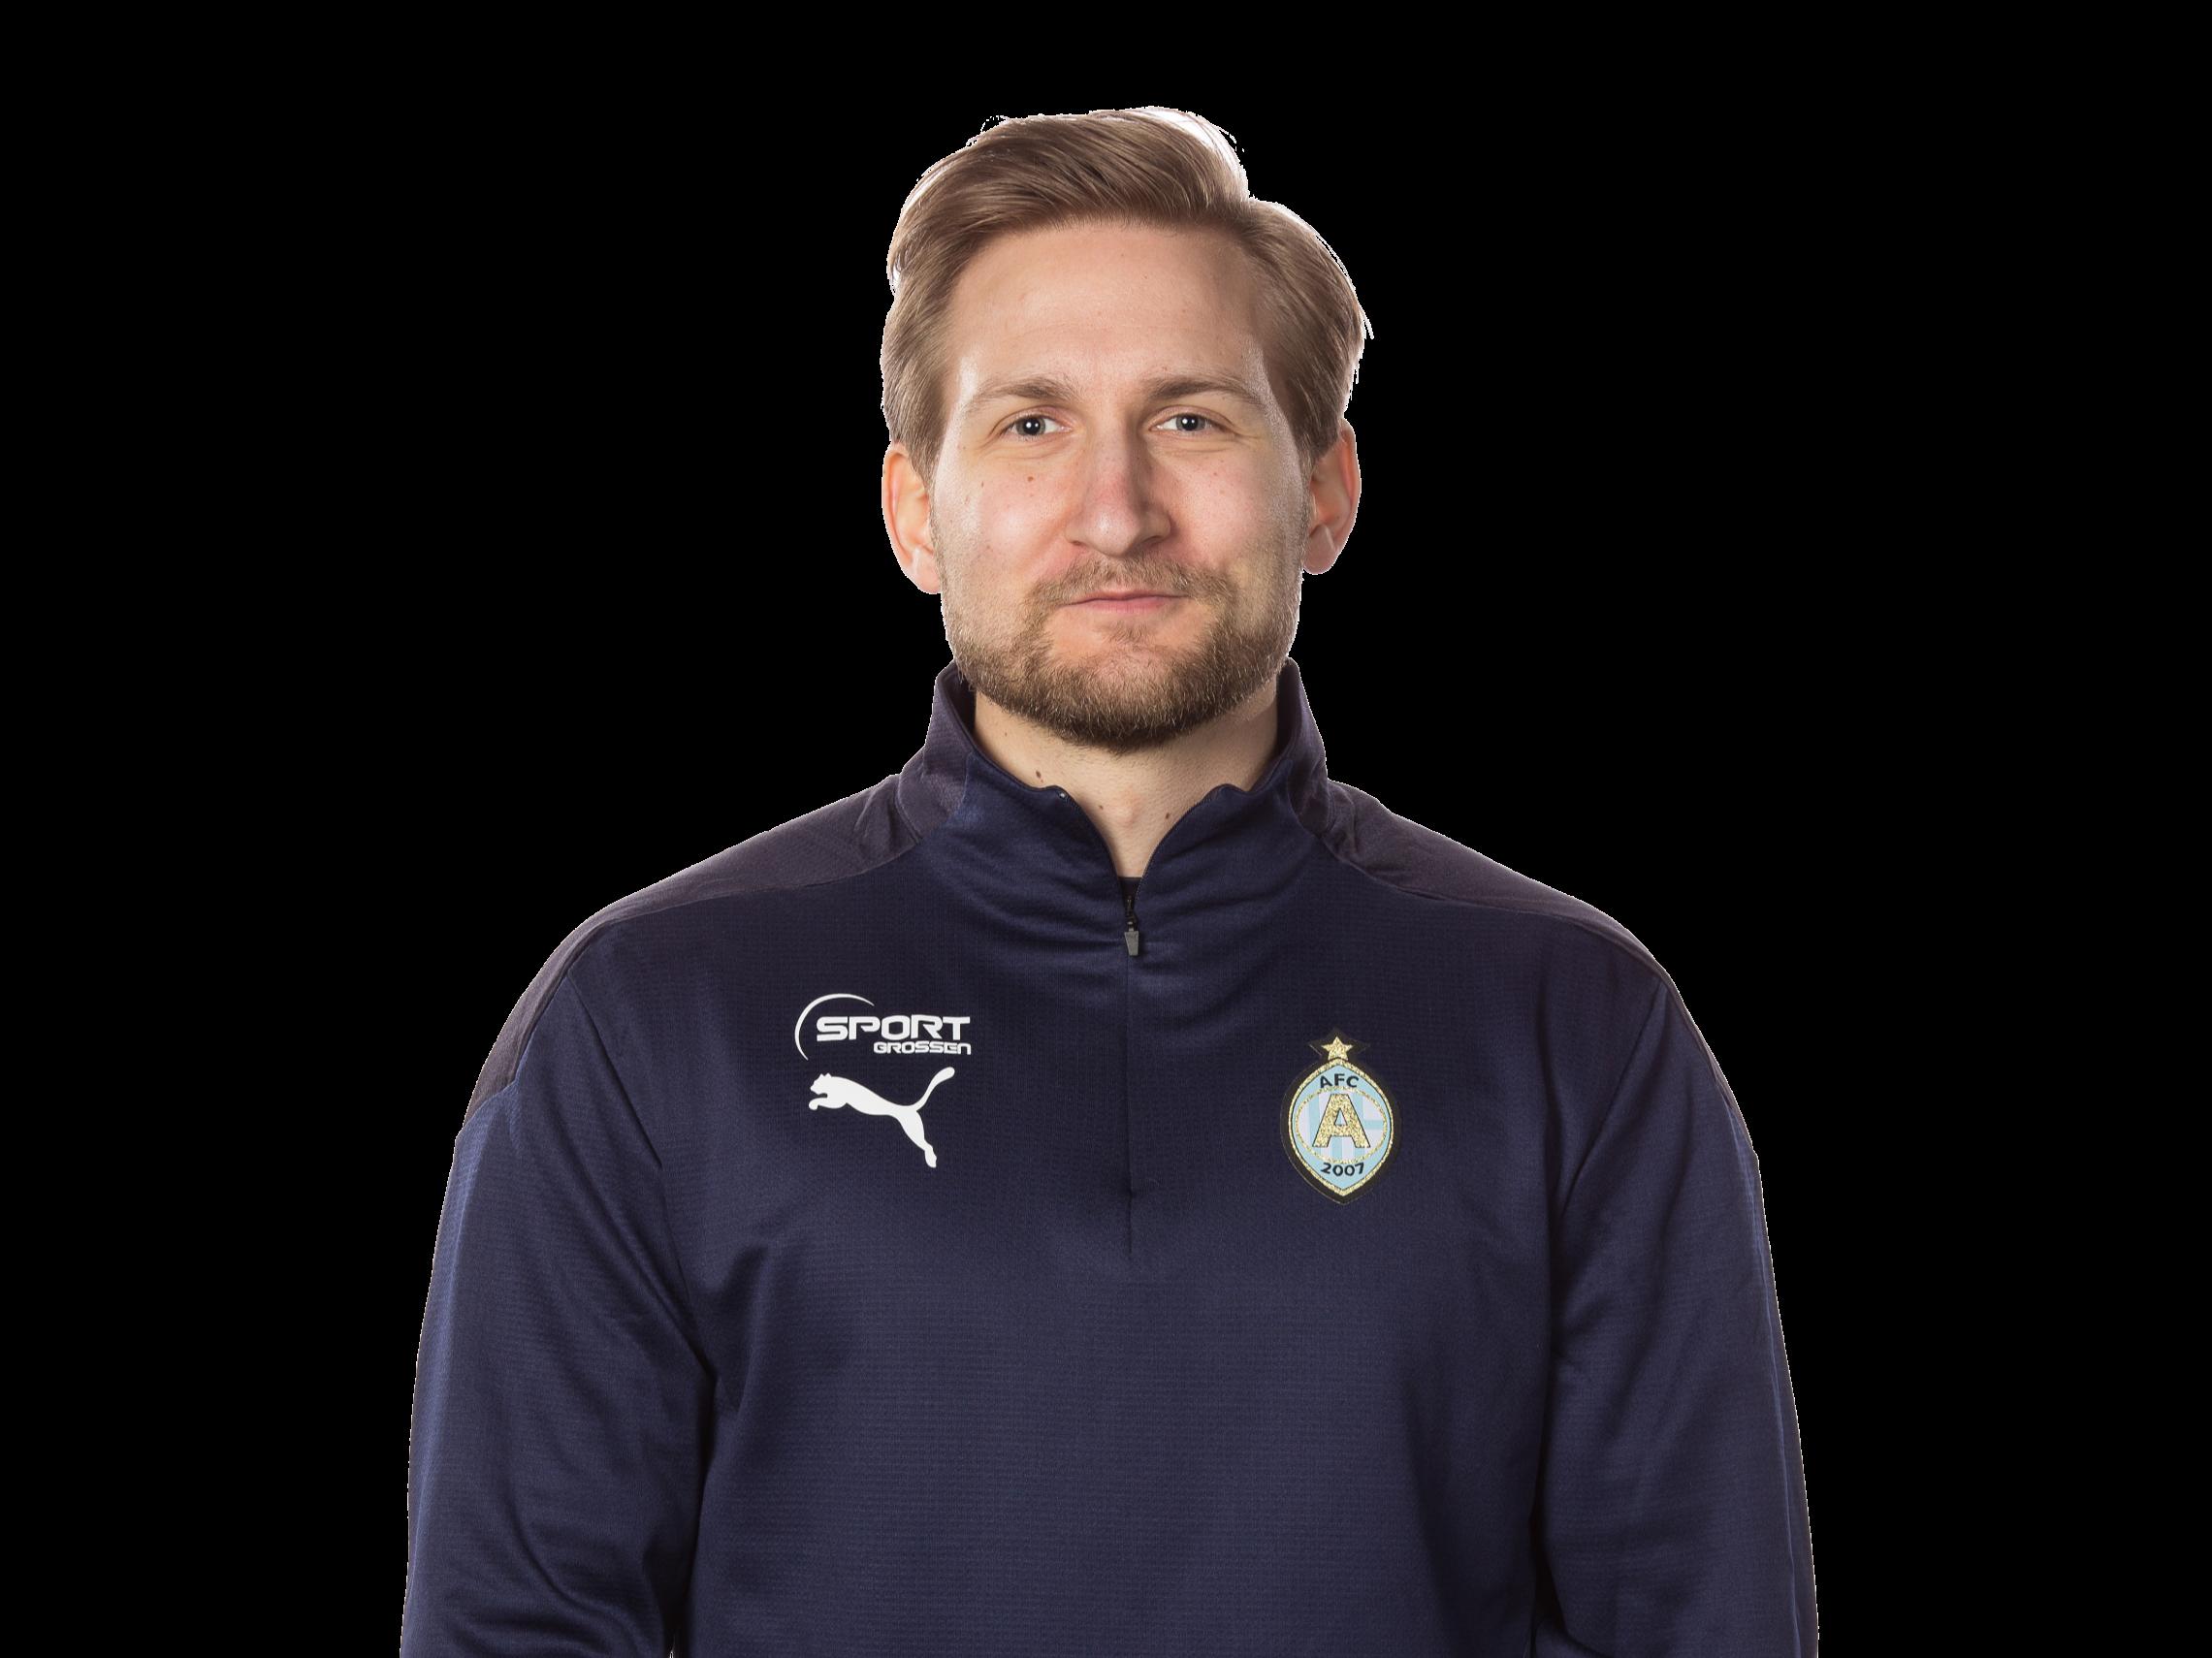 Välkommen till AFC Eskilstuna Casper Cornén